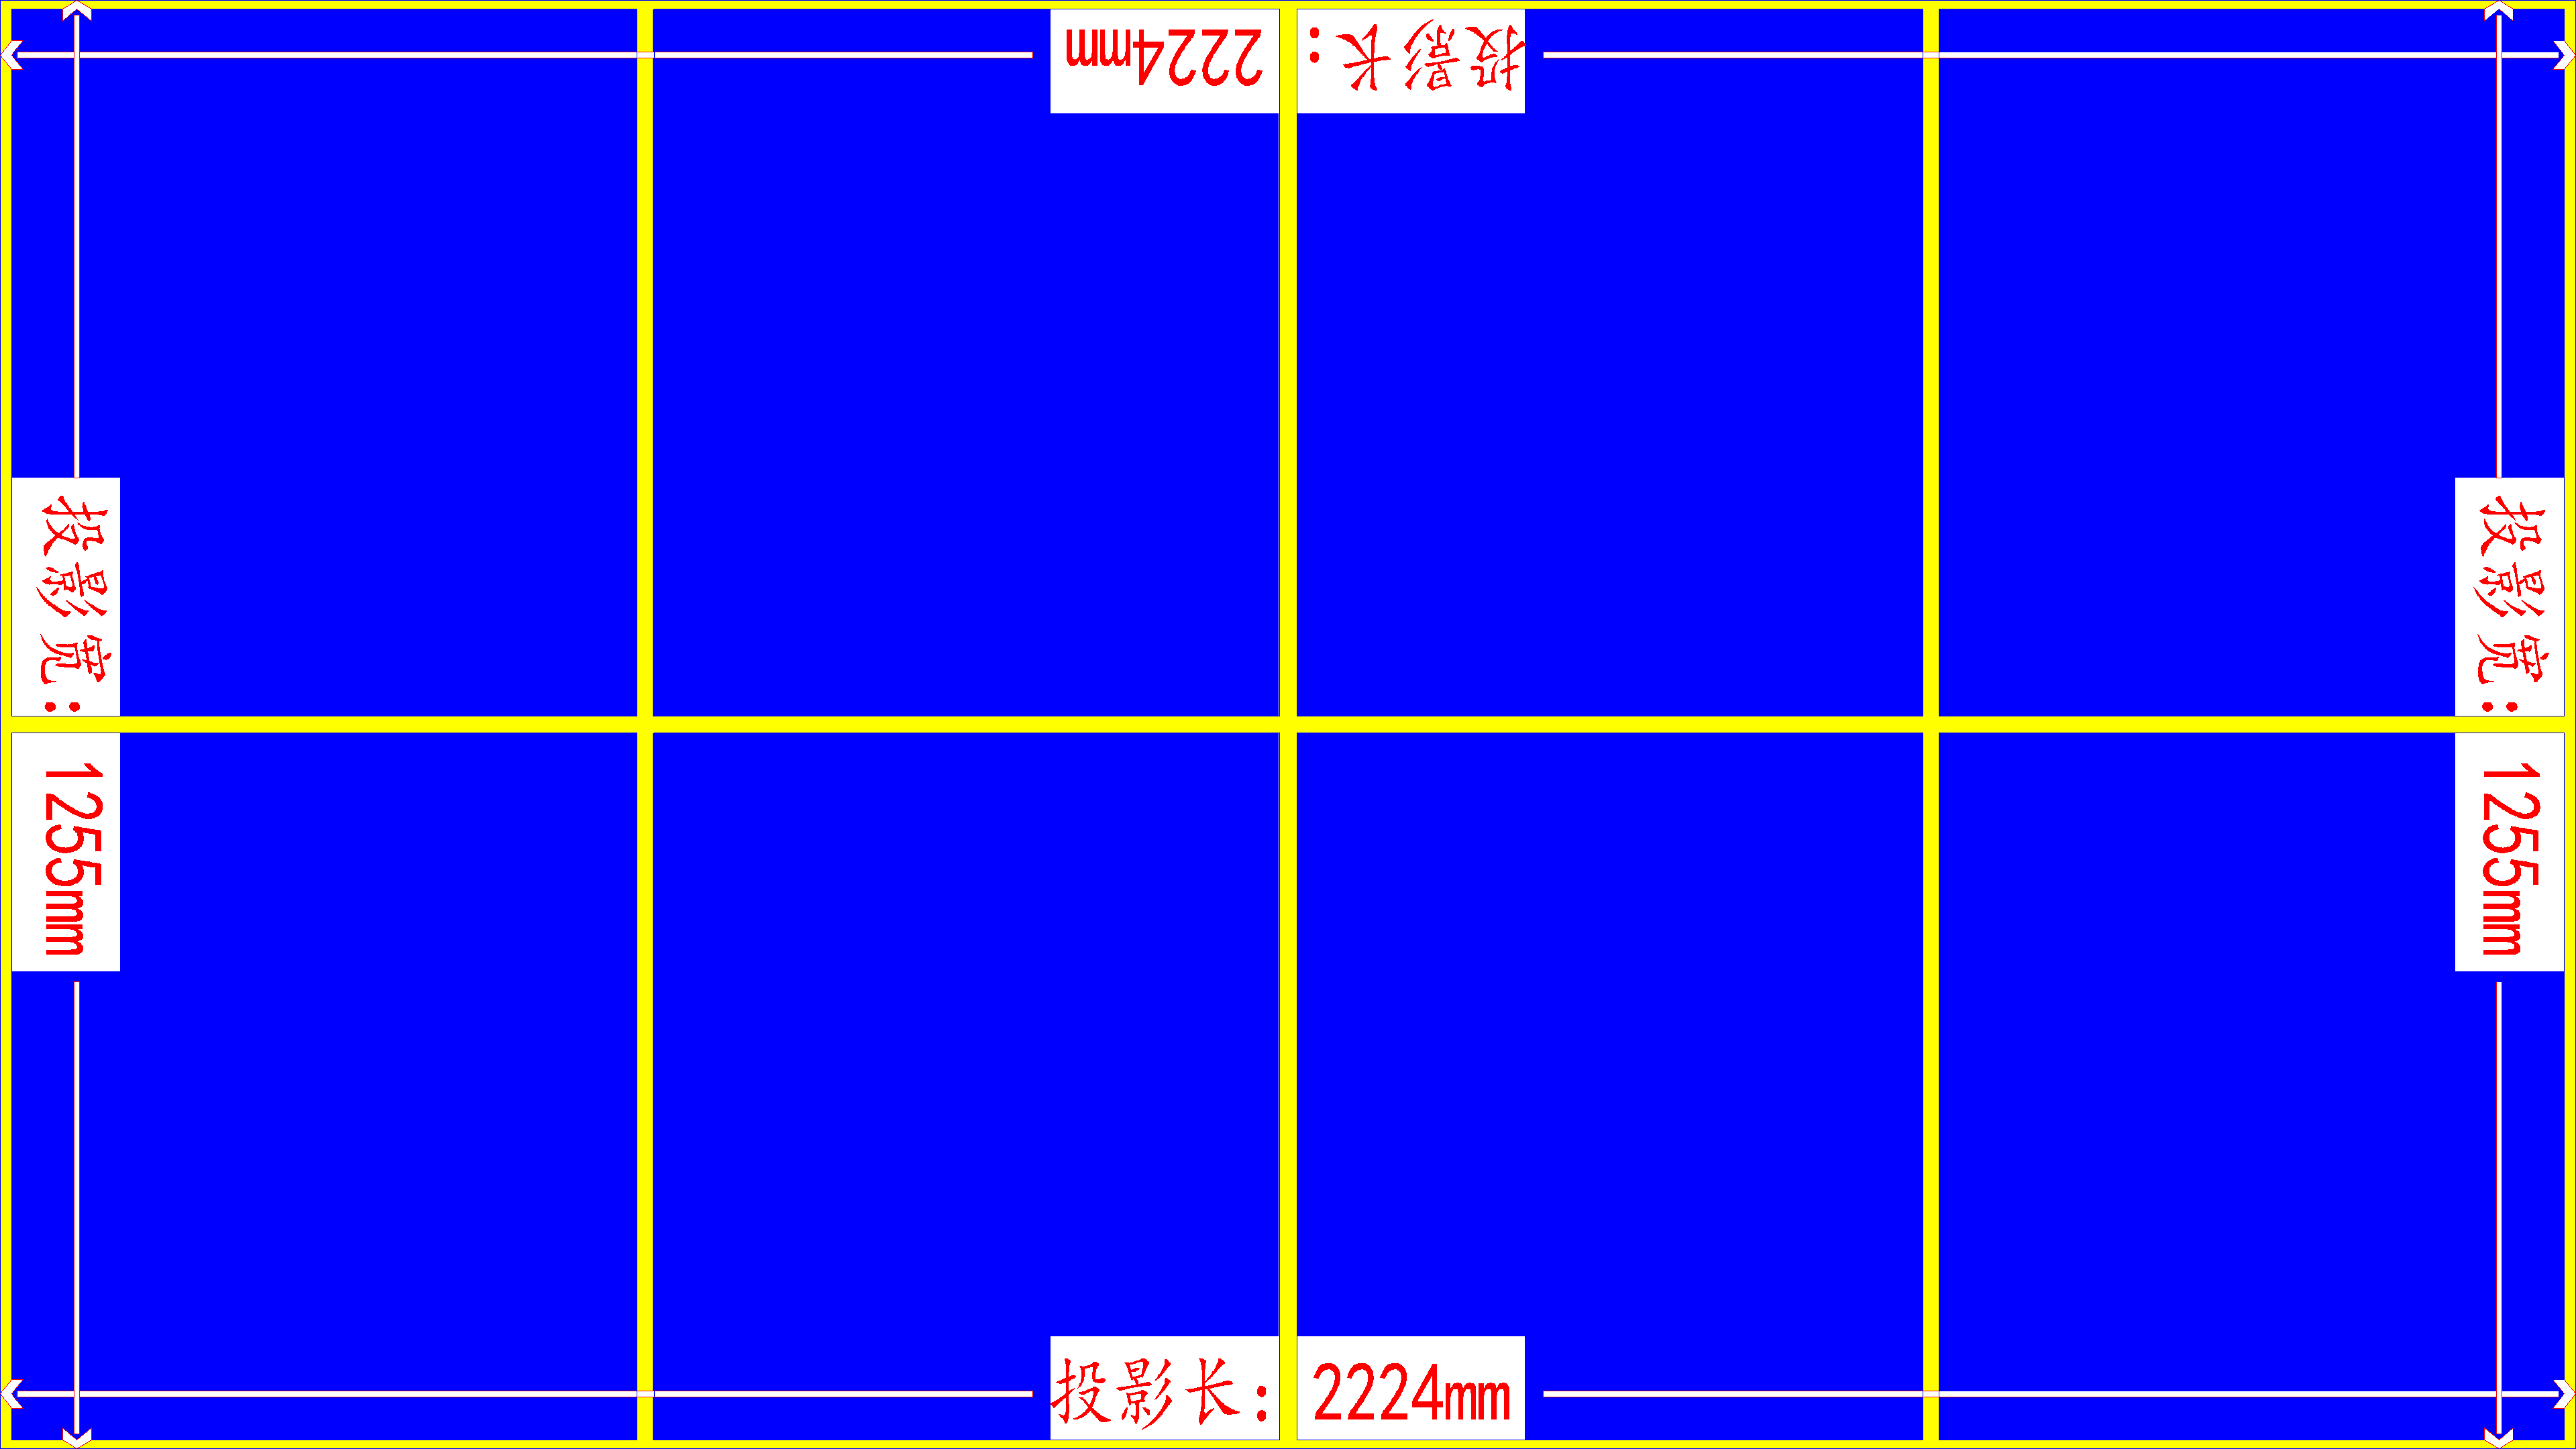 微信图片_20210729151448.png